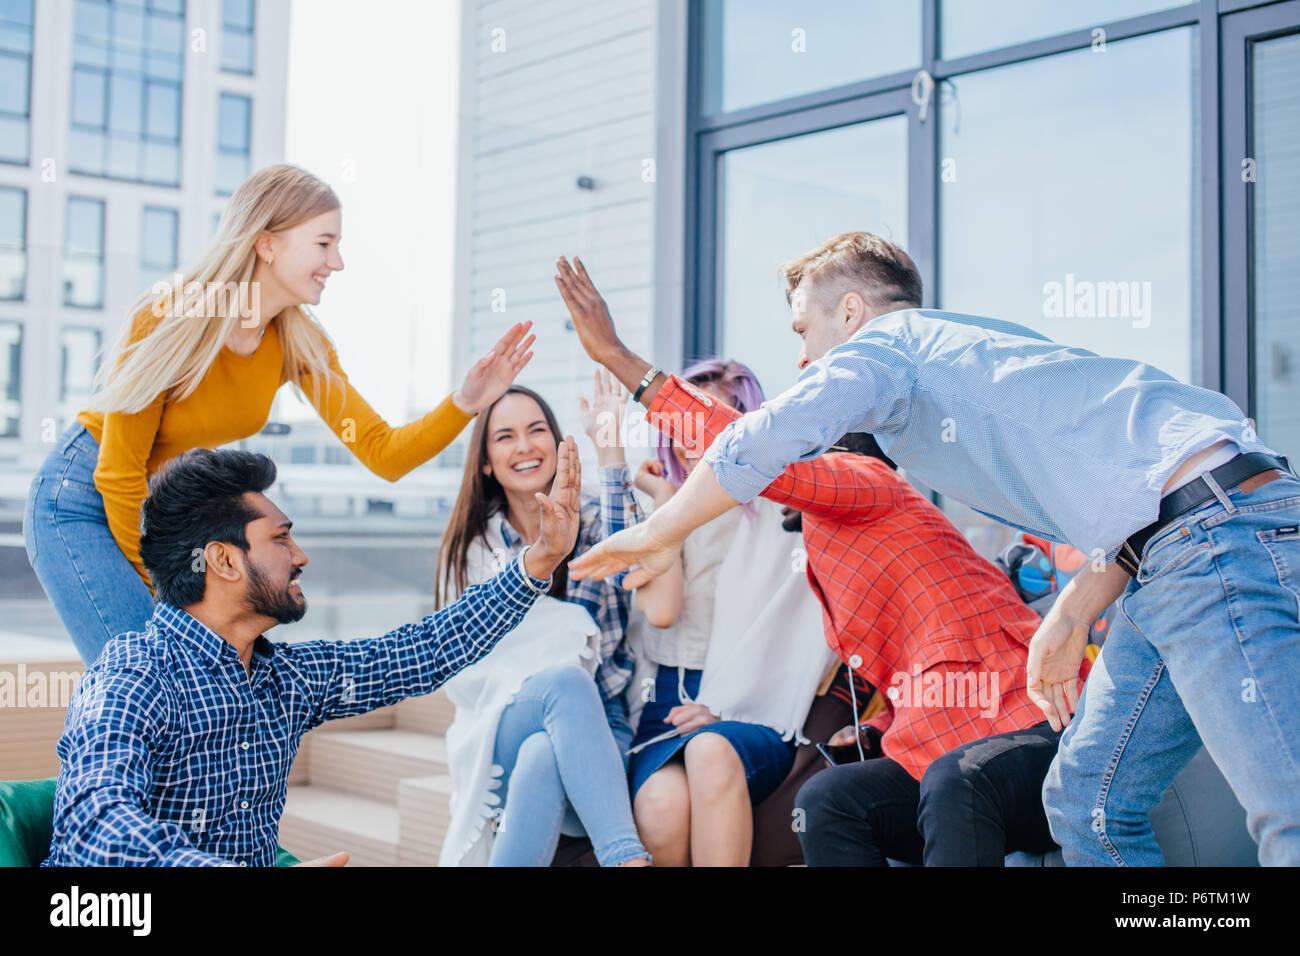 Jóvenes amigos dando alta cinco después de hacer un buen negocio y ganar un montón de dinero en marketing dirigidos a la investigación Imagen De Stock